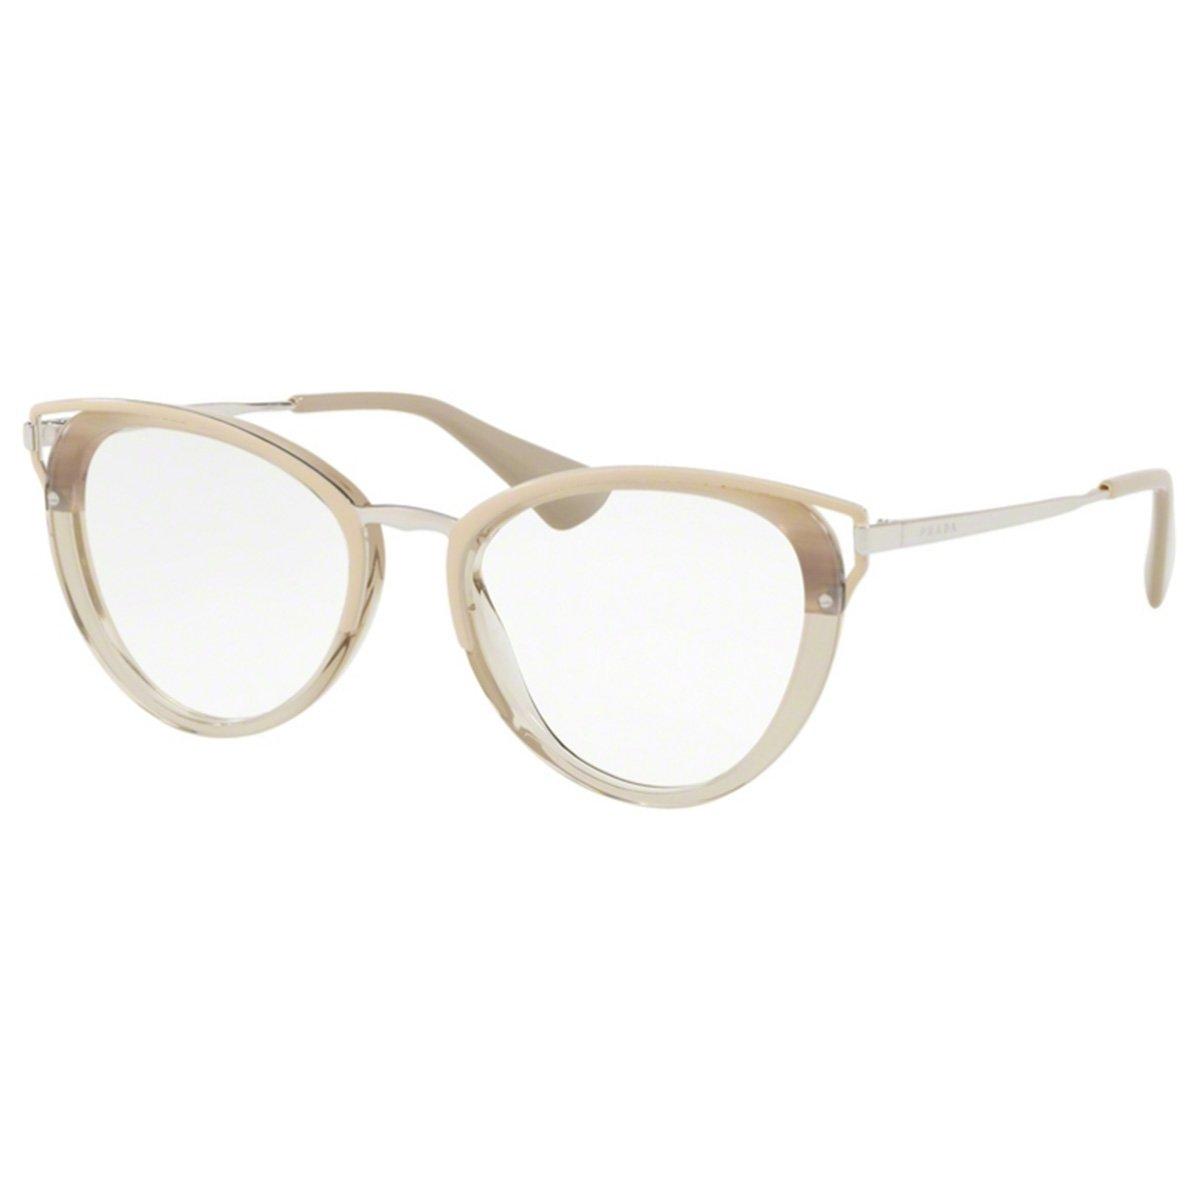 cf1f3ee93 Compre Óculos de Grau Prada em 10X | Tri-Jóia Shop